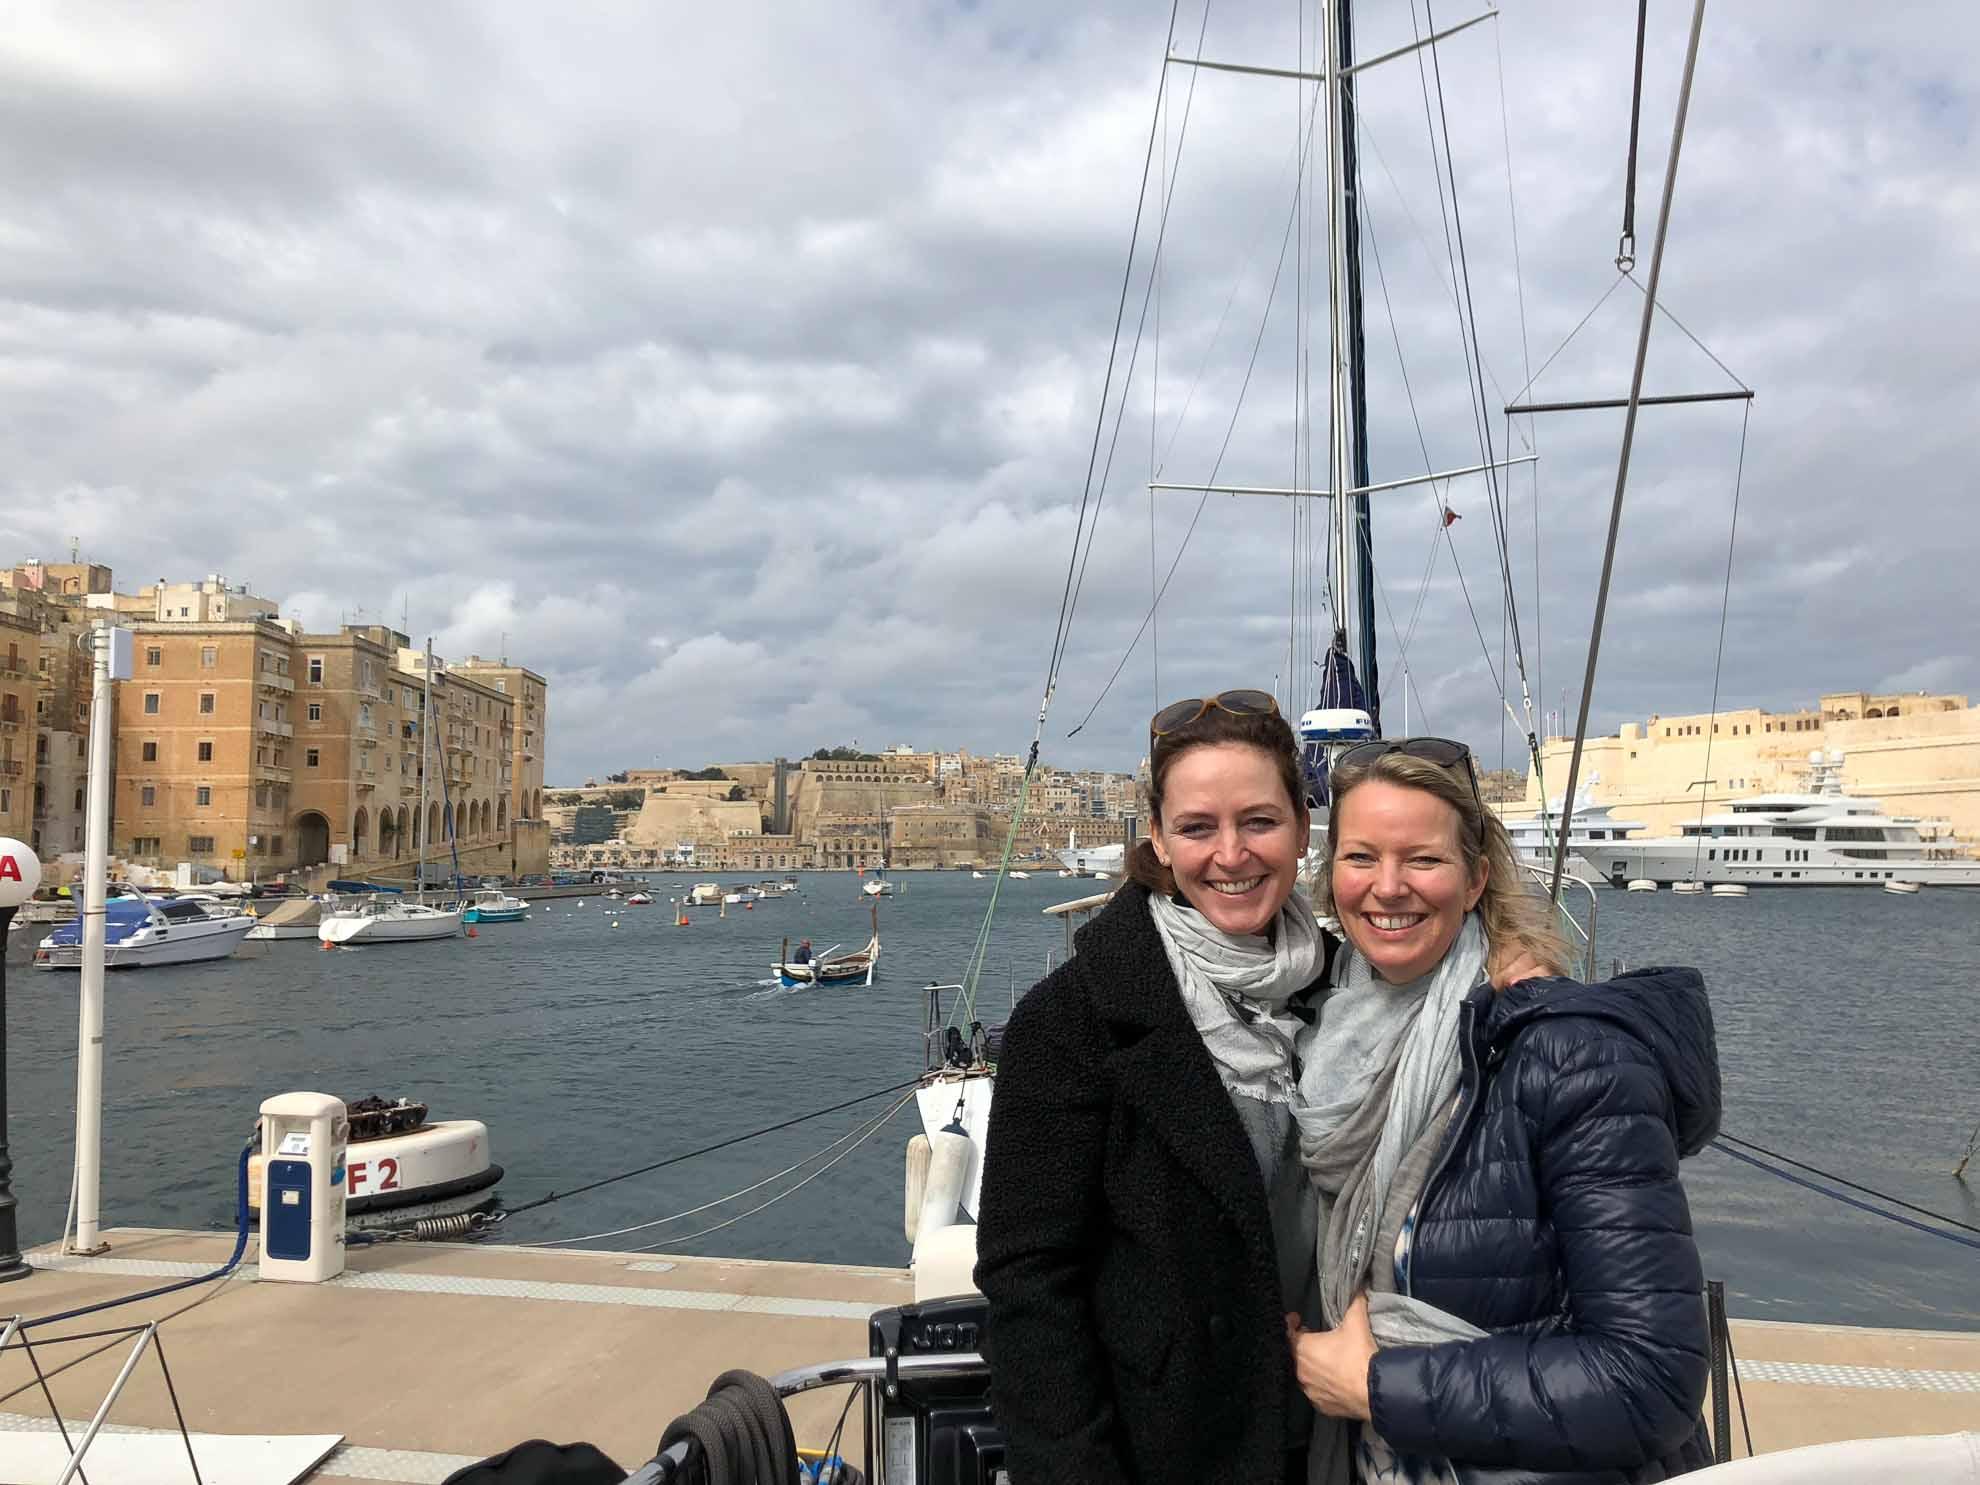 Die Crew hat Malaika nach Malta gebracht. Nach der Winterpause geht es nun endlich weiter. Wir starten die neue Mittelmeerreise in Valletta. Auf dem Programm steht zunächst ein Stadtbummel.